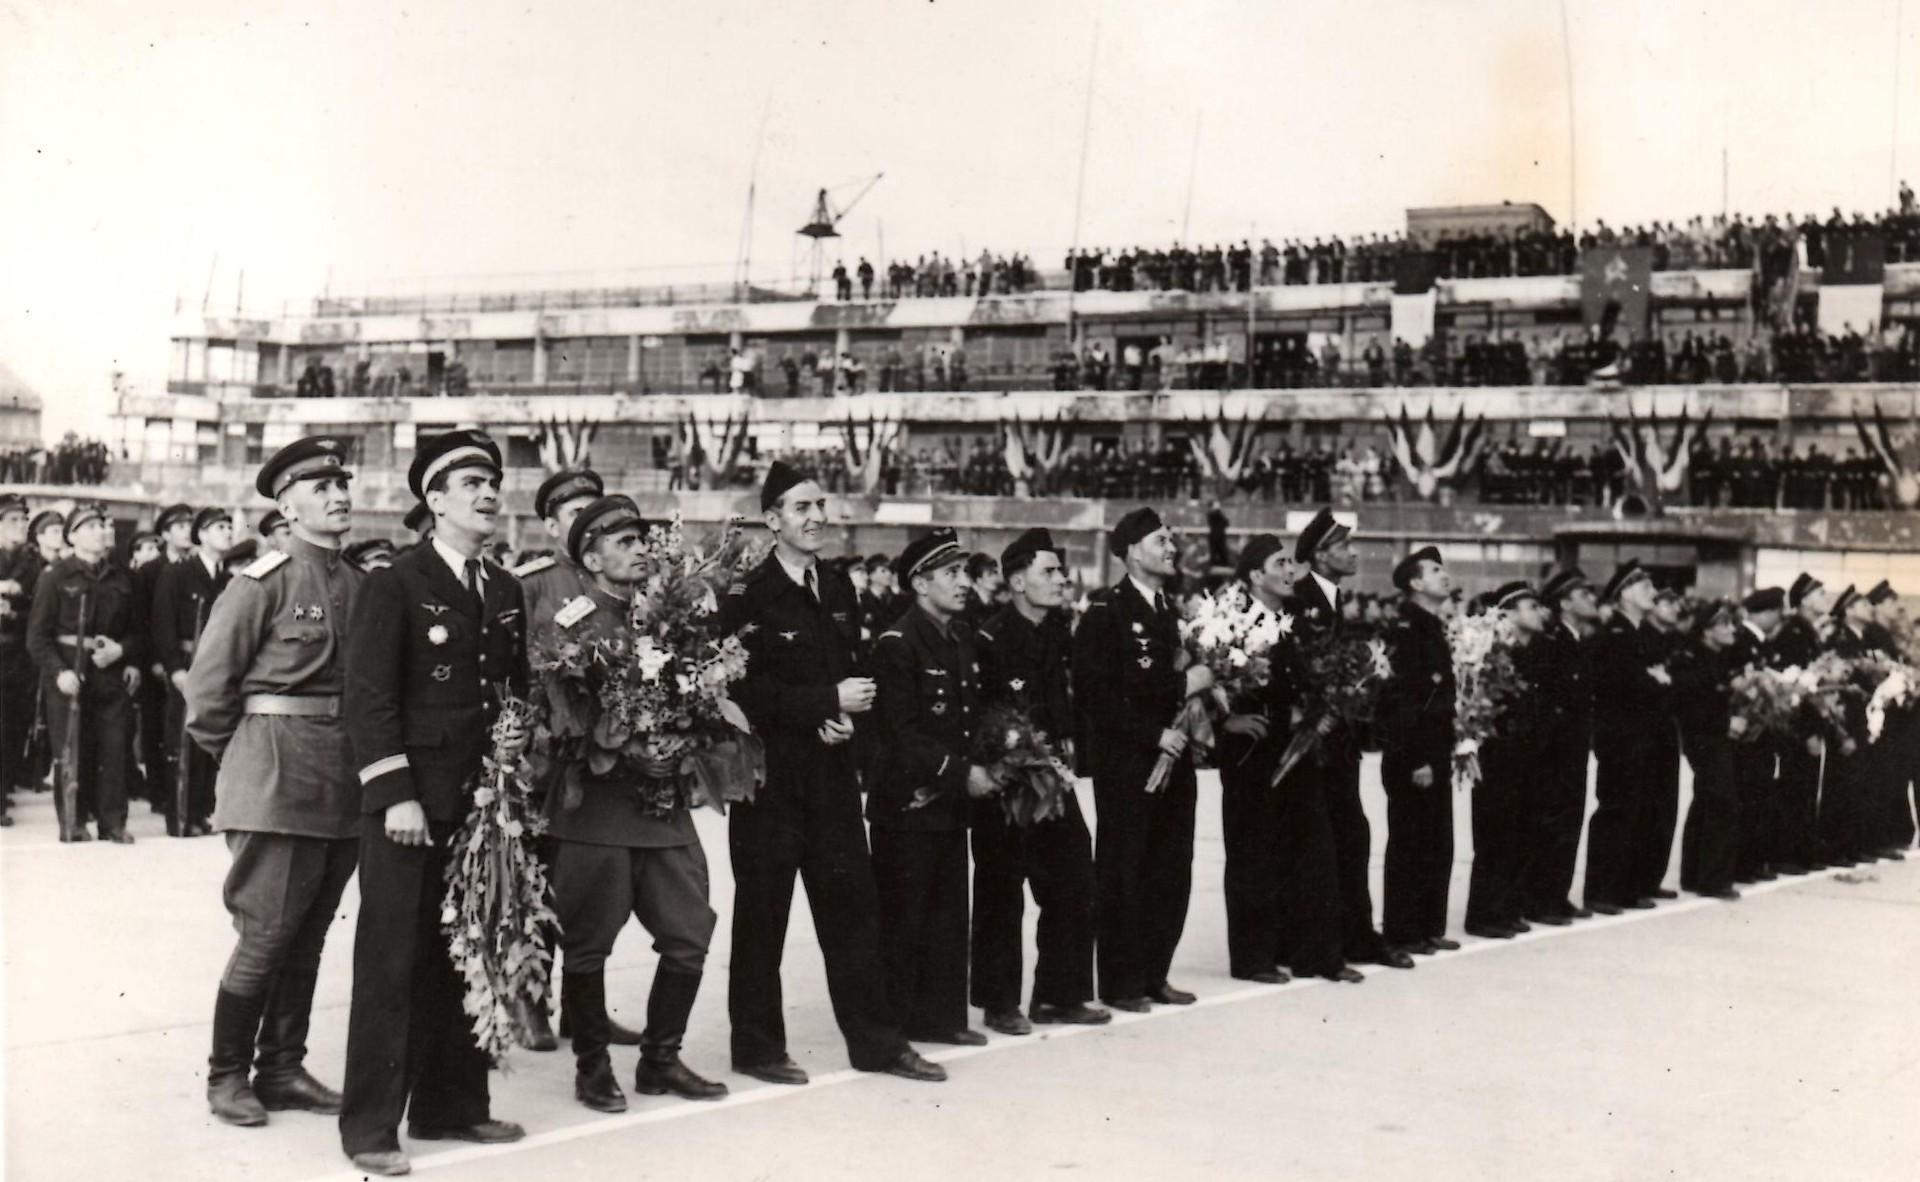 La foule assiste à la démonstration de Robert Marchi au Bourget, le 20 juin 1945